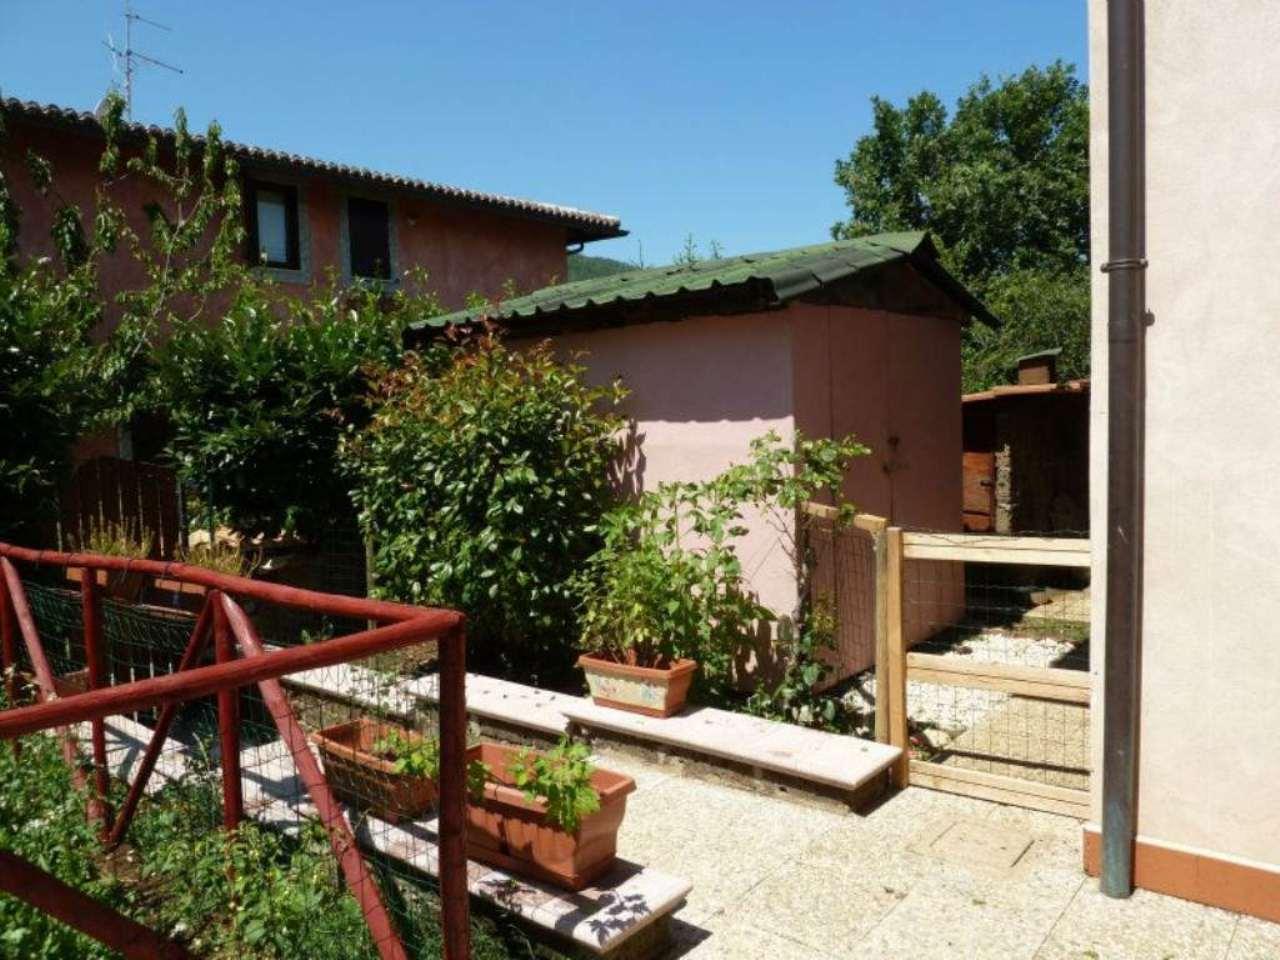 Soluzione Semindipendente in vendita a Rocca di Botte, 4 locali, prezzo € 99.000 | Cambio Casa.it